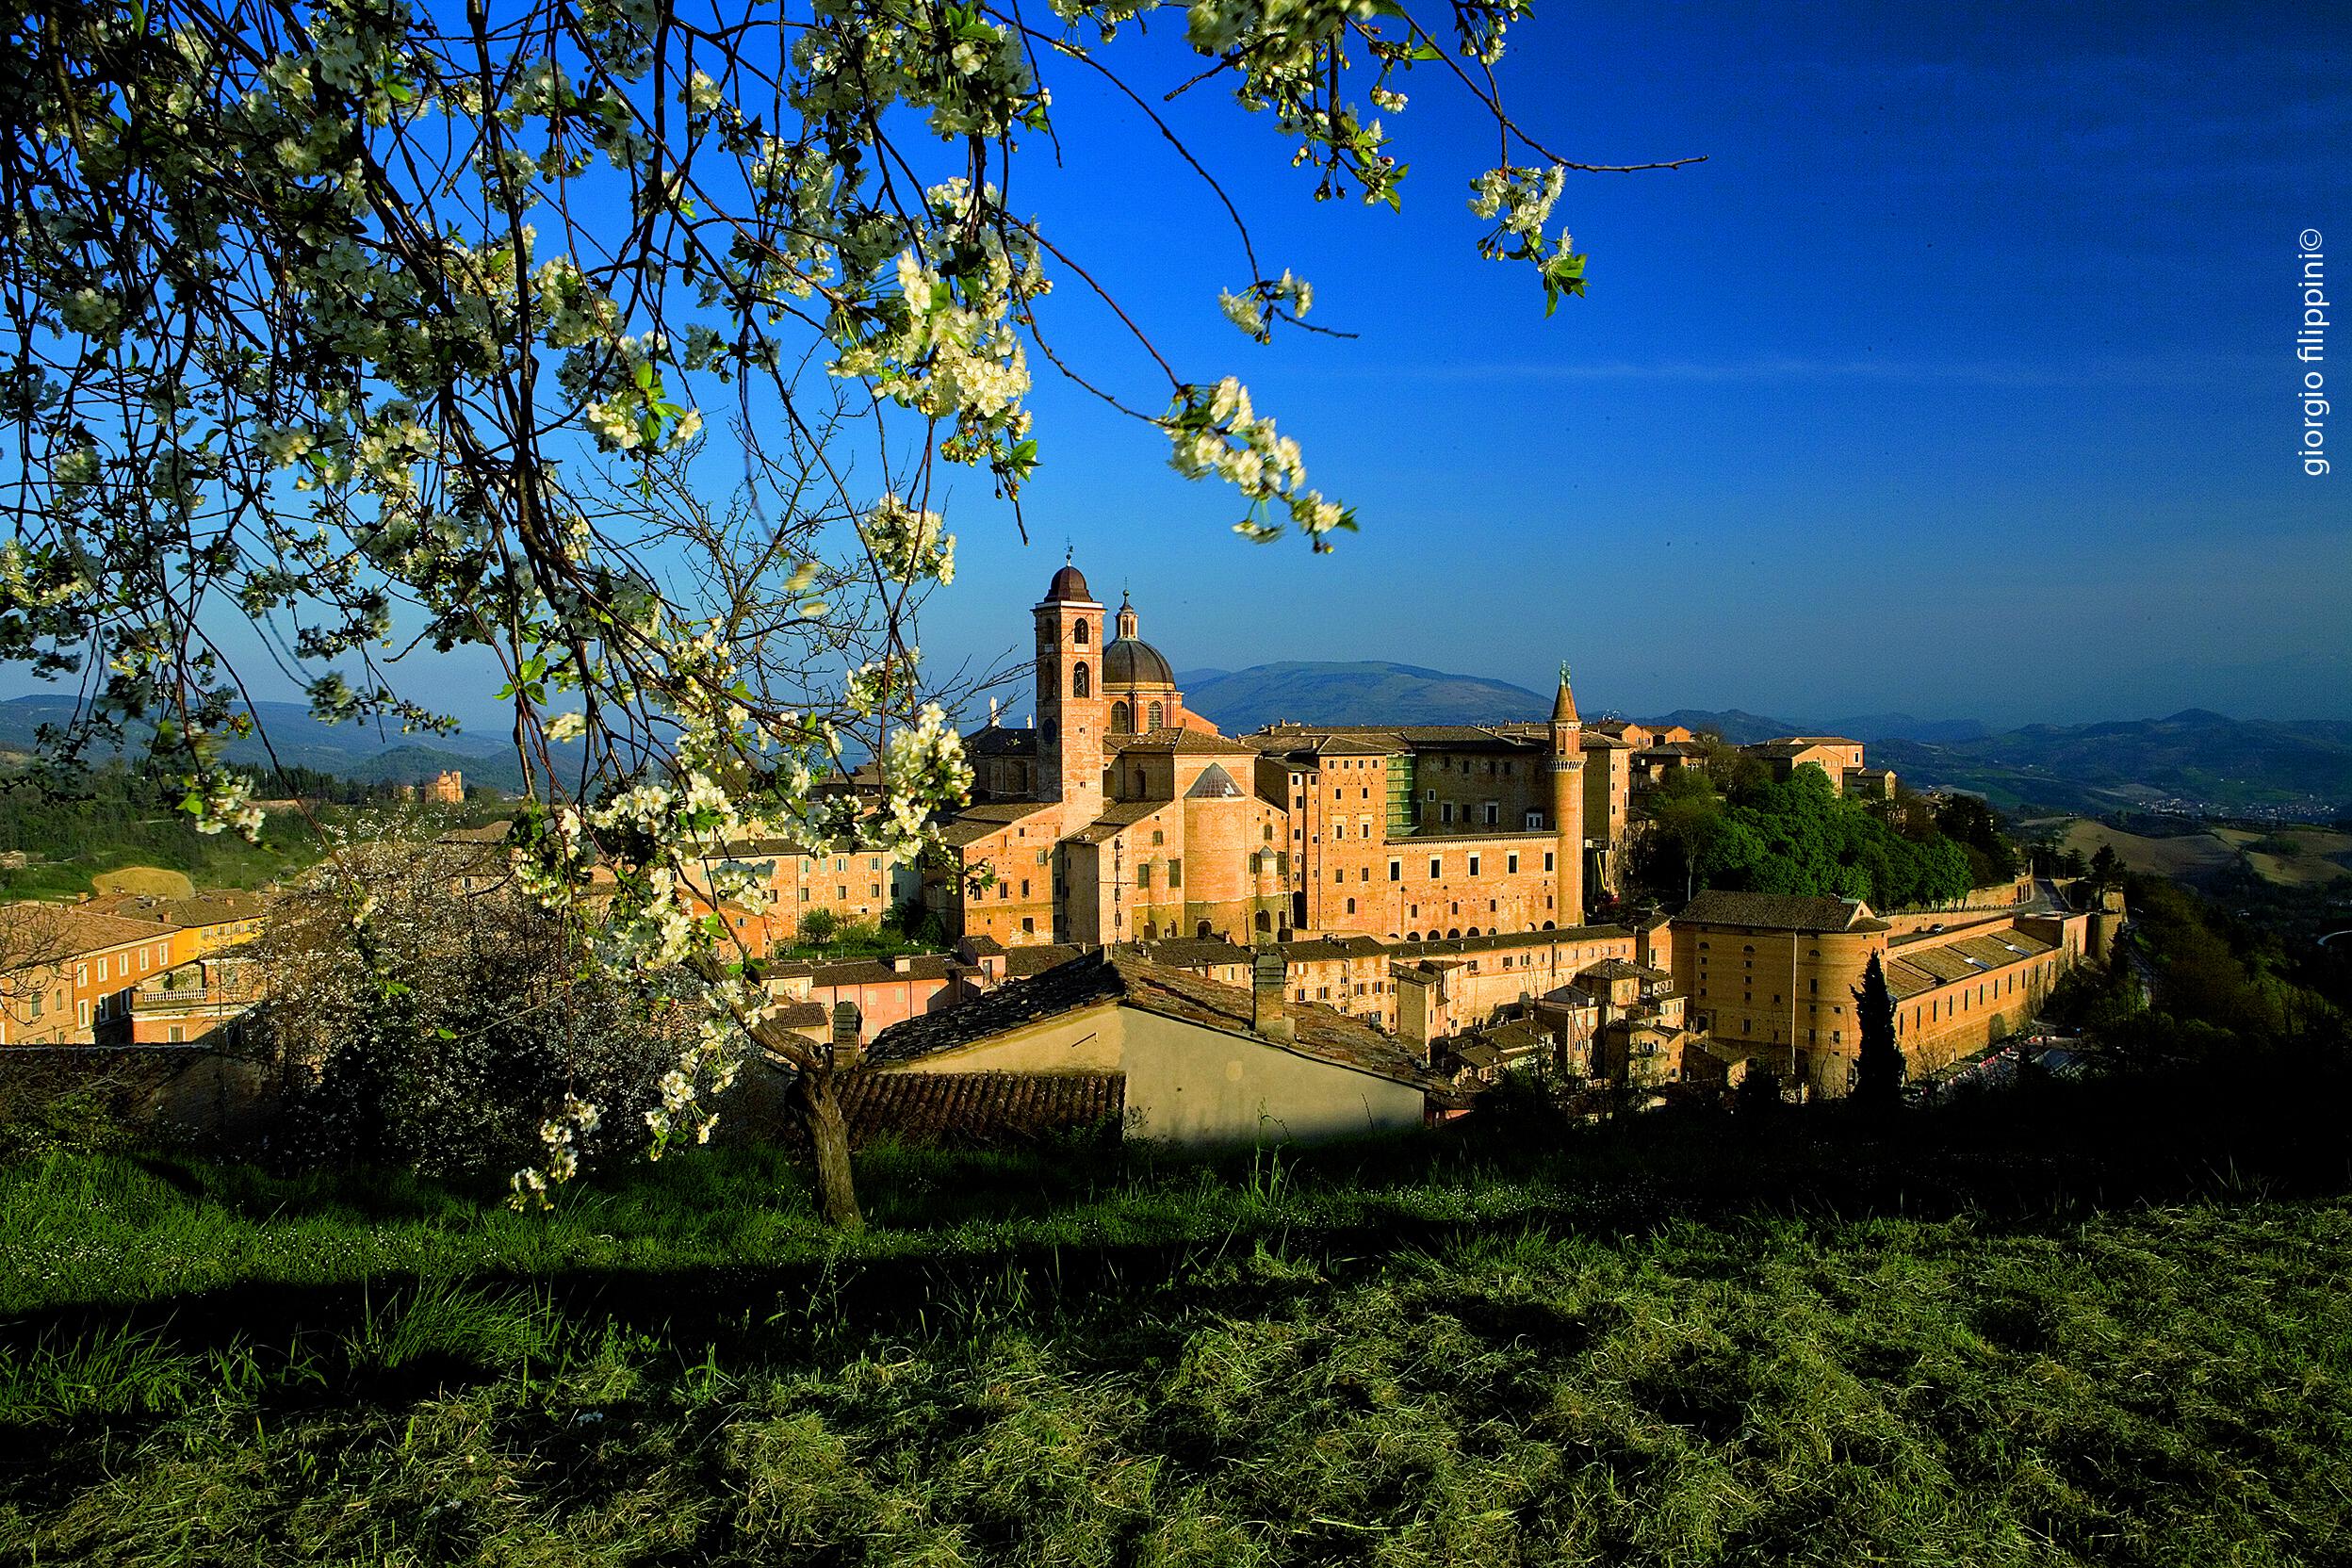 06_Urbino CMYK